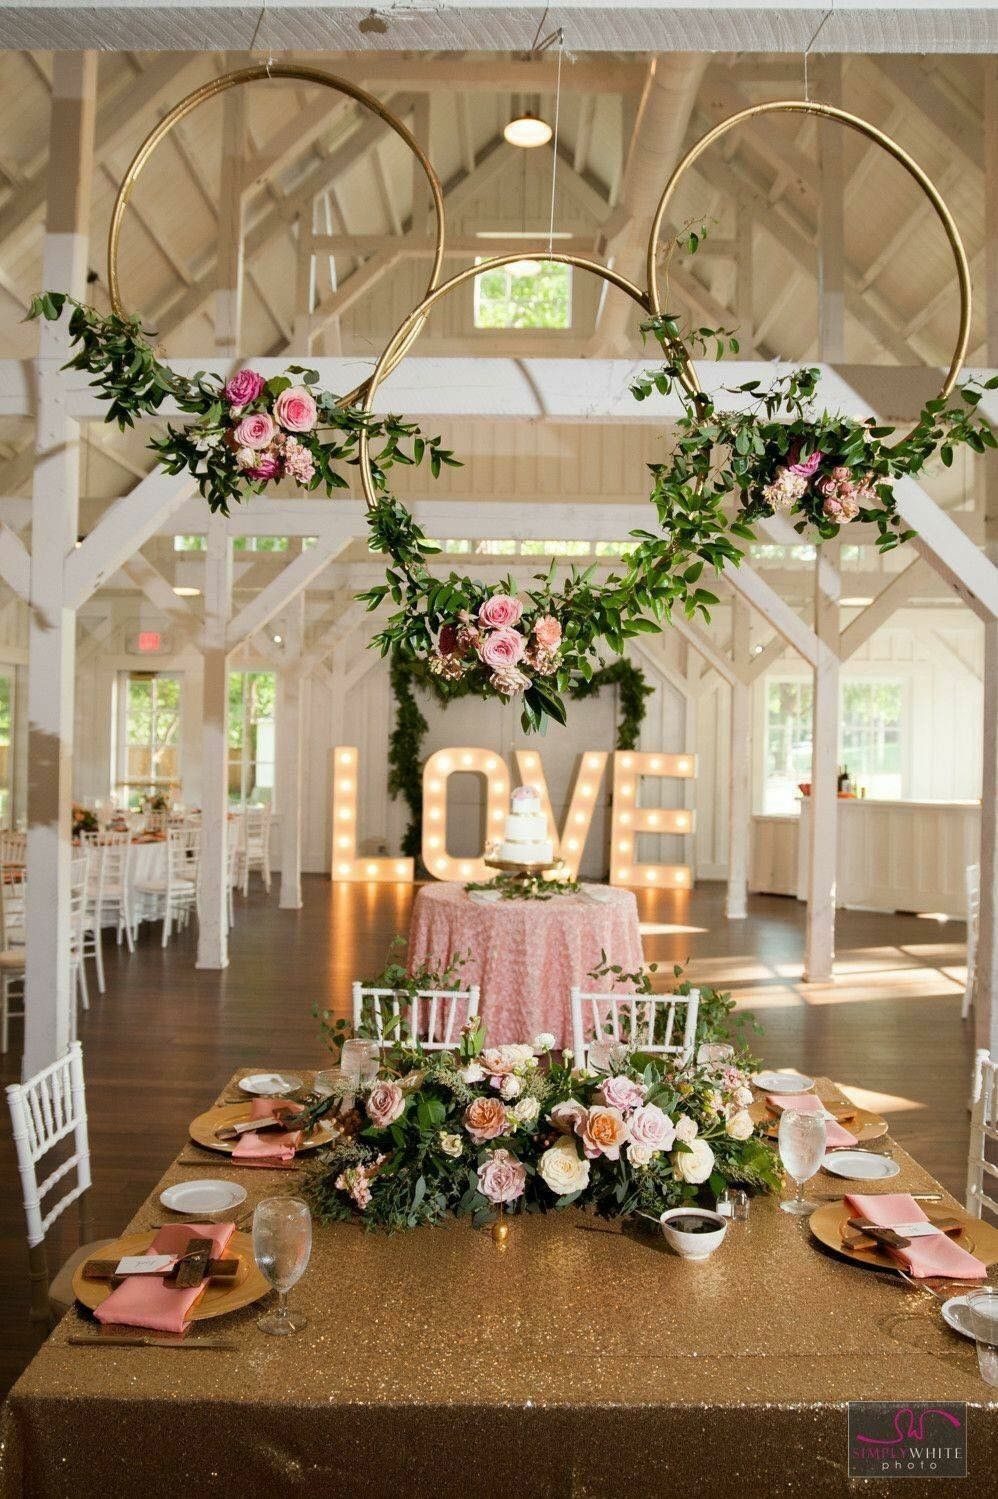 Fotos De Hula Hula Para Fiestas Decorados Ideas Para Decorar Fiestas Con Aros De Hula Hula Idea Gold Wedding Colors Pink And Gold Wedding Wedding Decorations